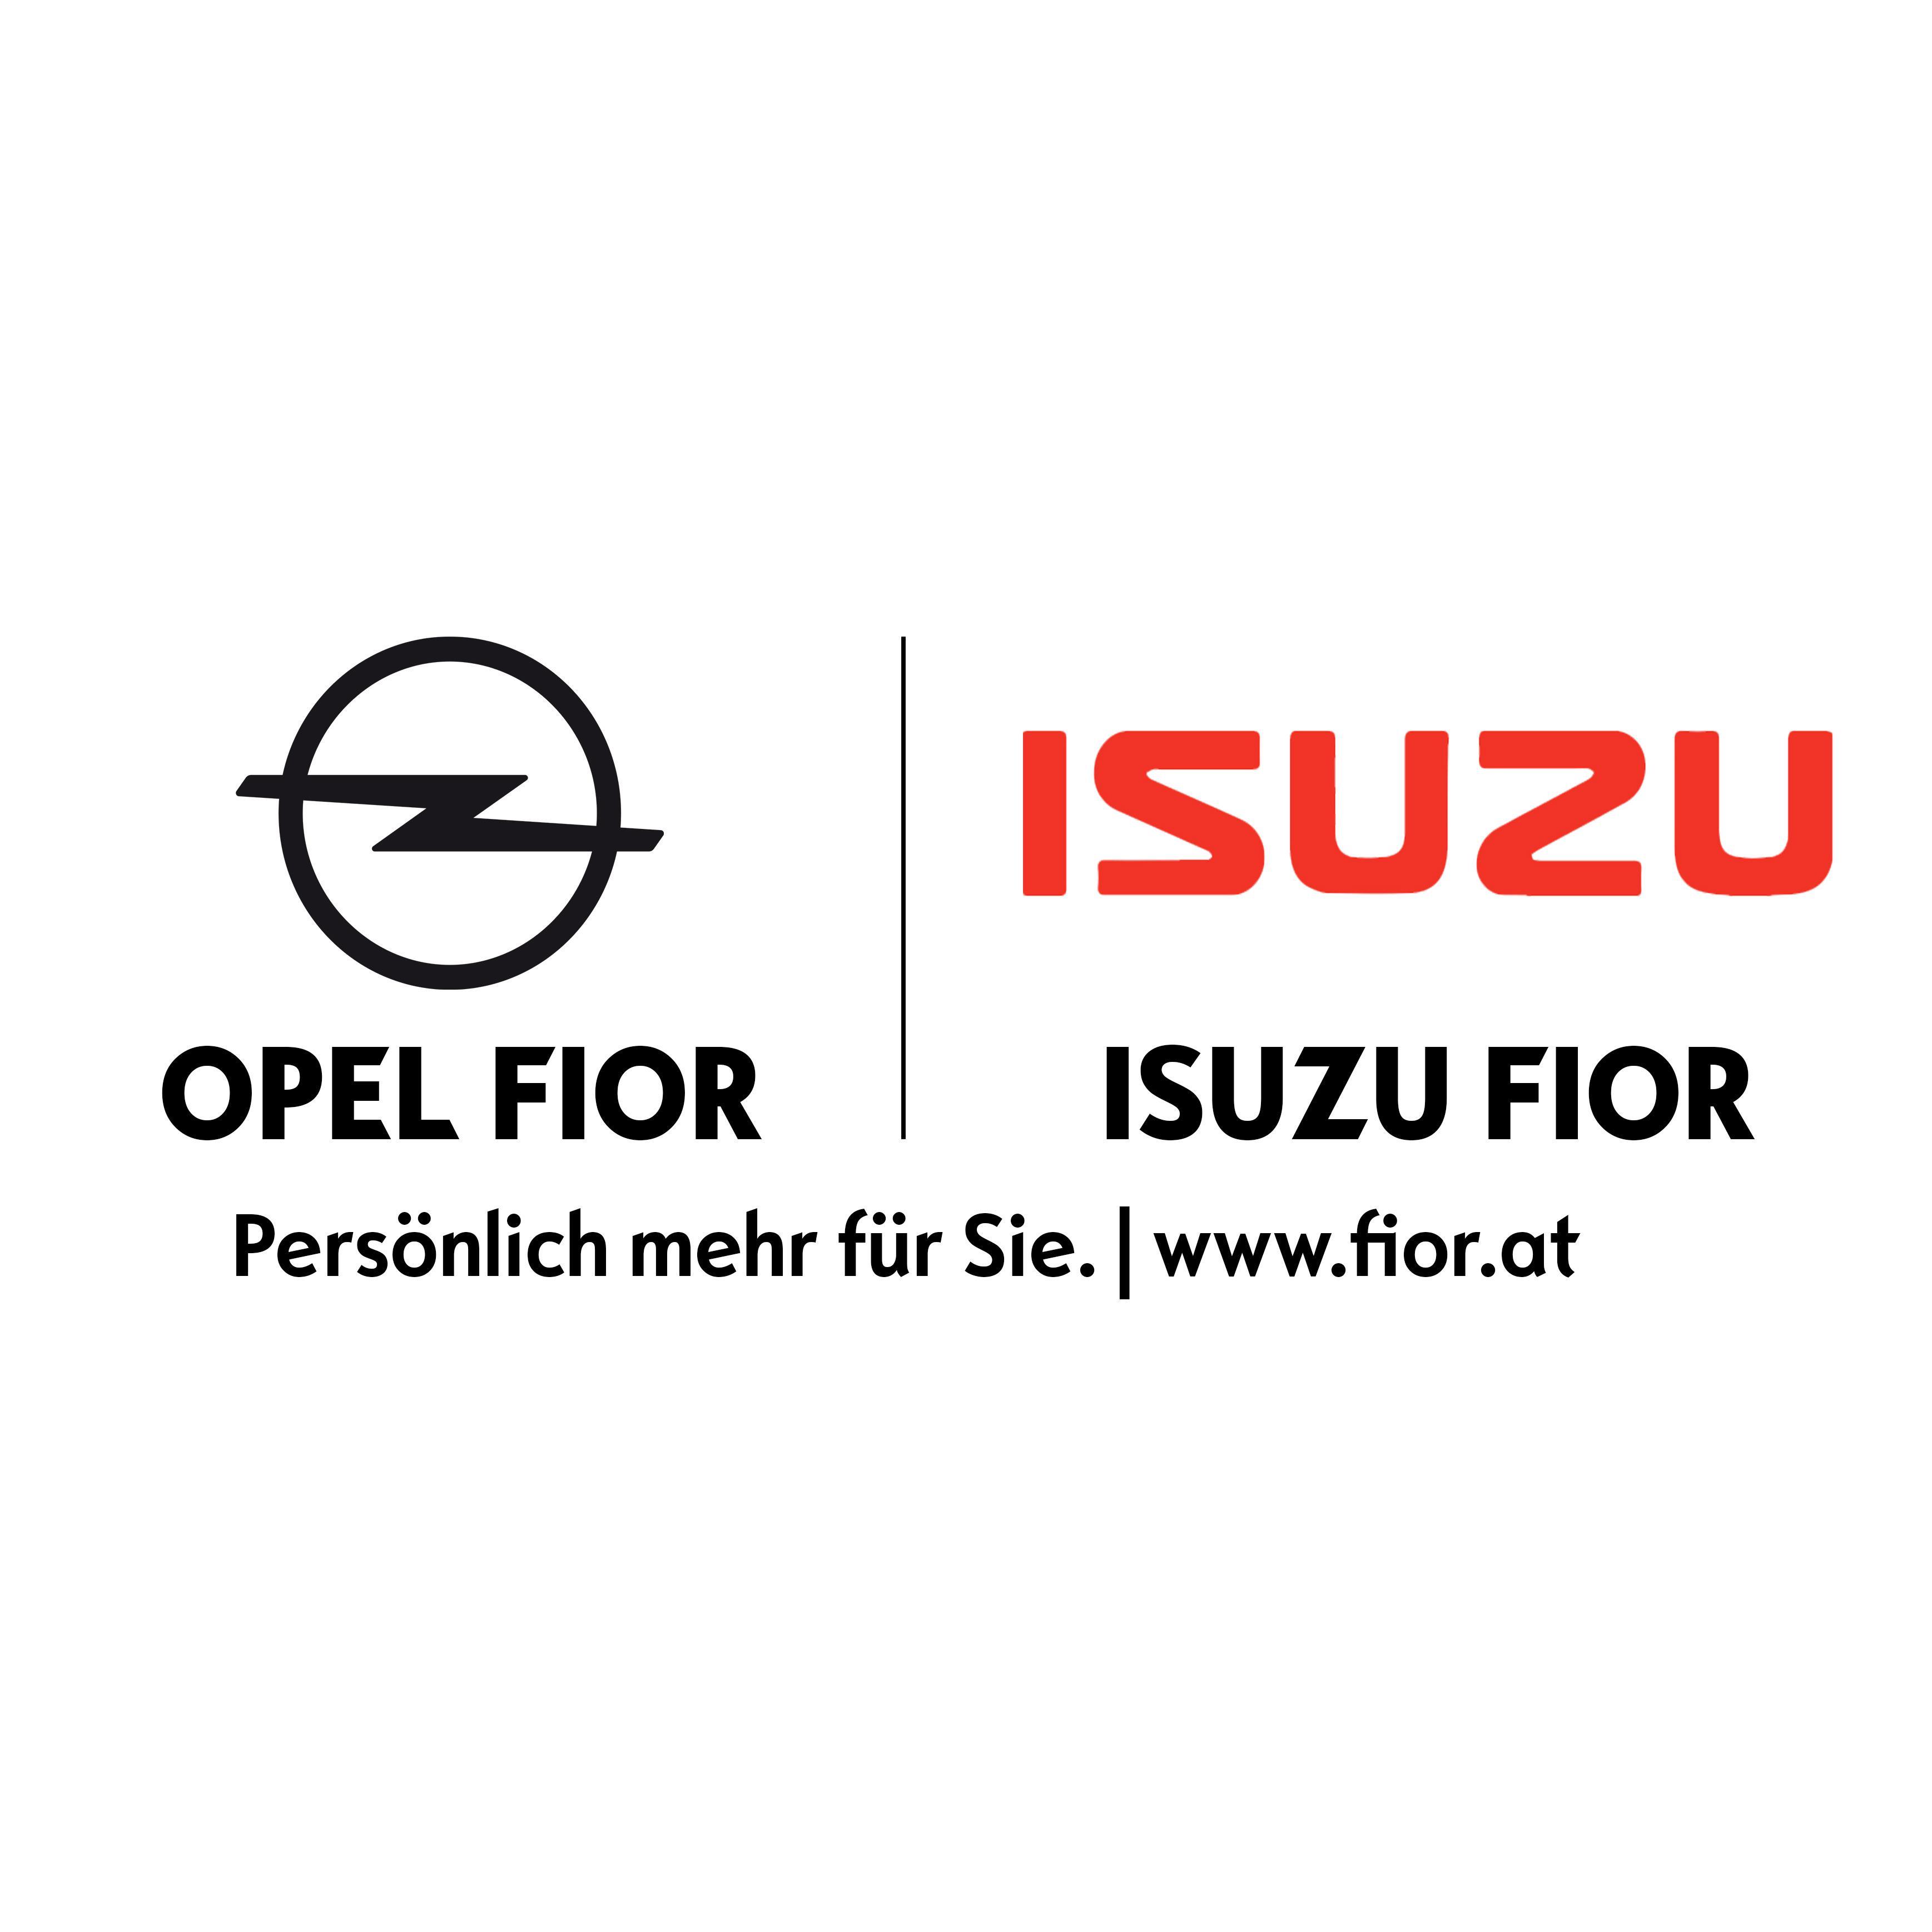 Opel Fior   Isuzu Fior Graz Logo